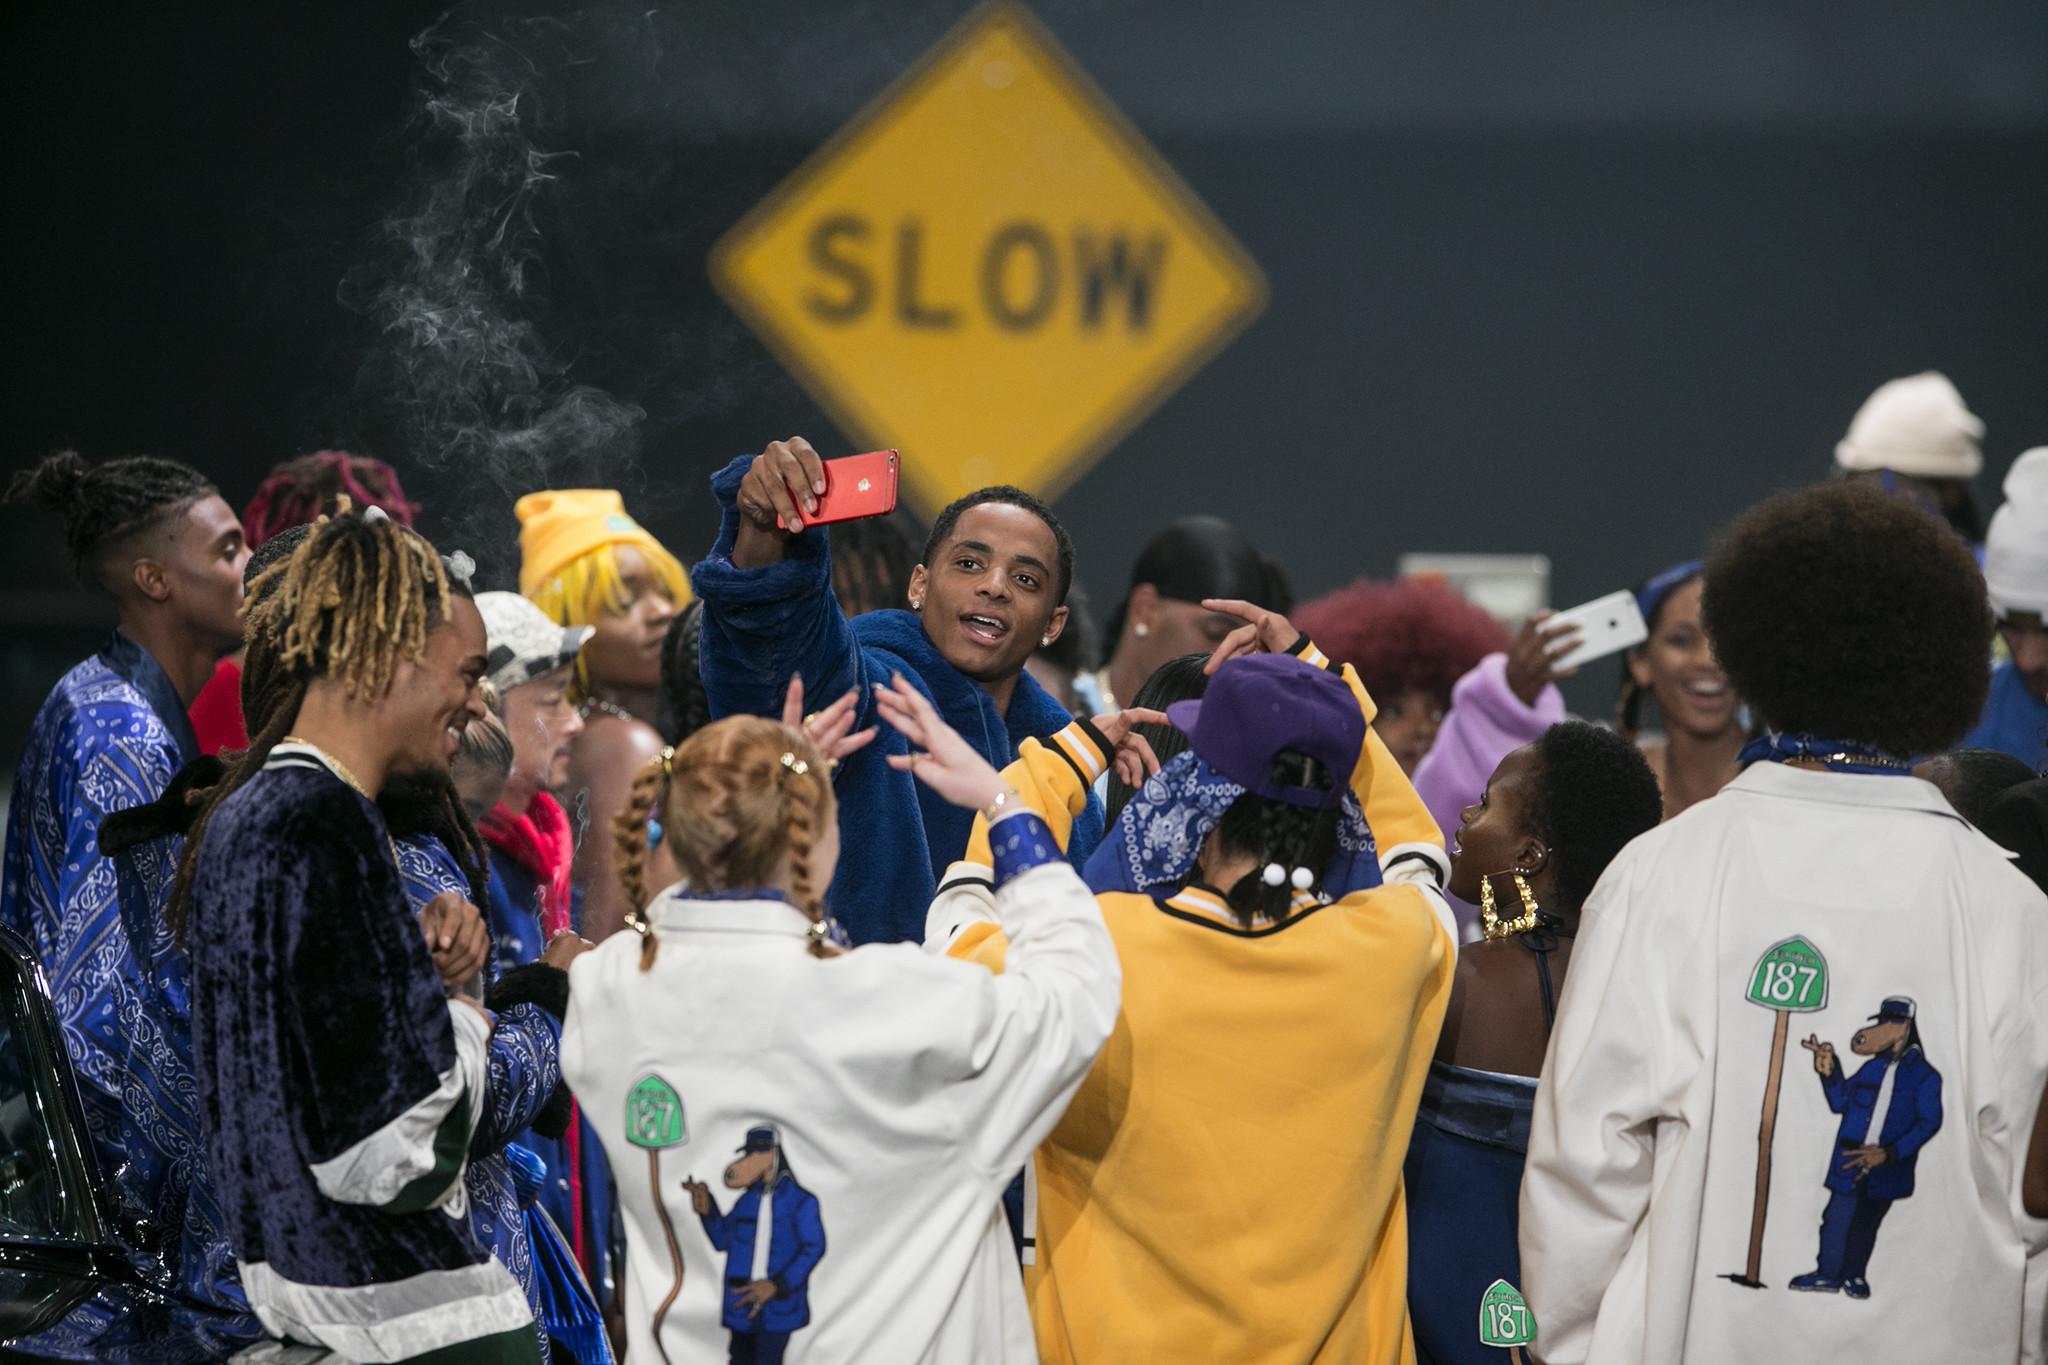 At Made La Snoop Dogg And Wiz Khalifa Make The